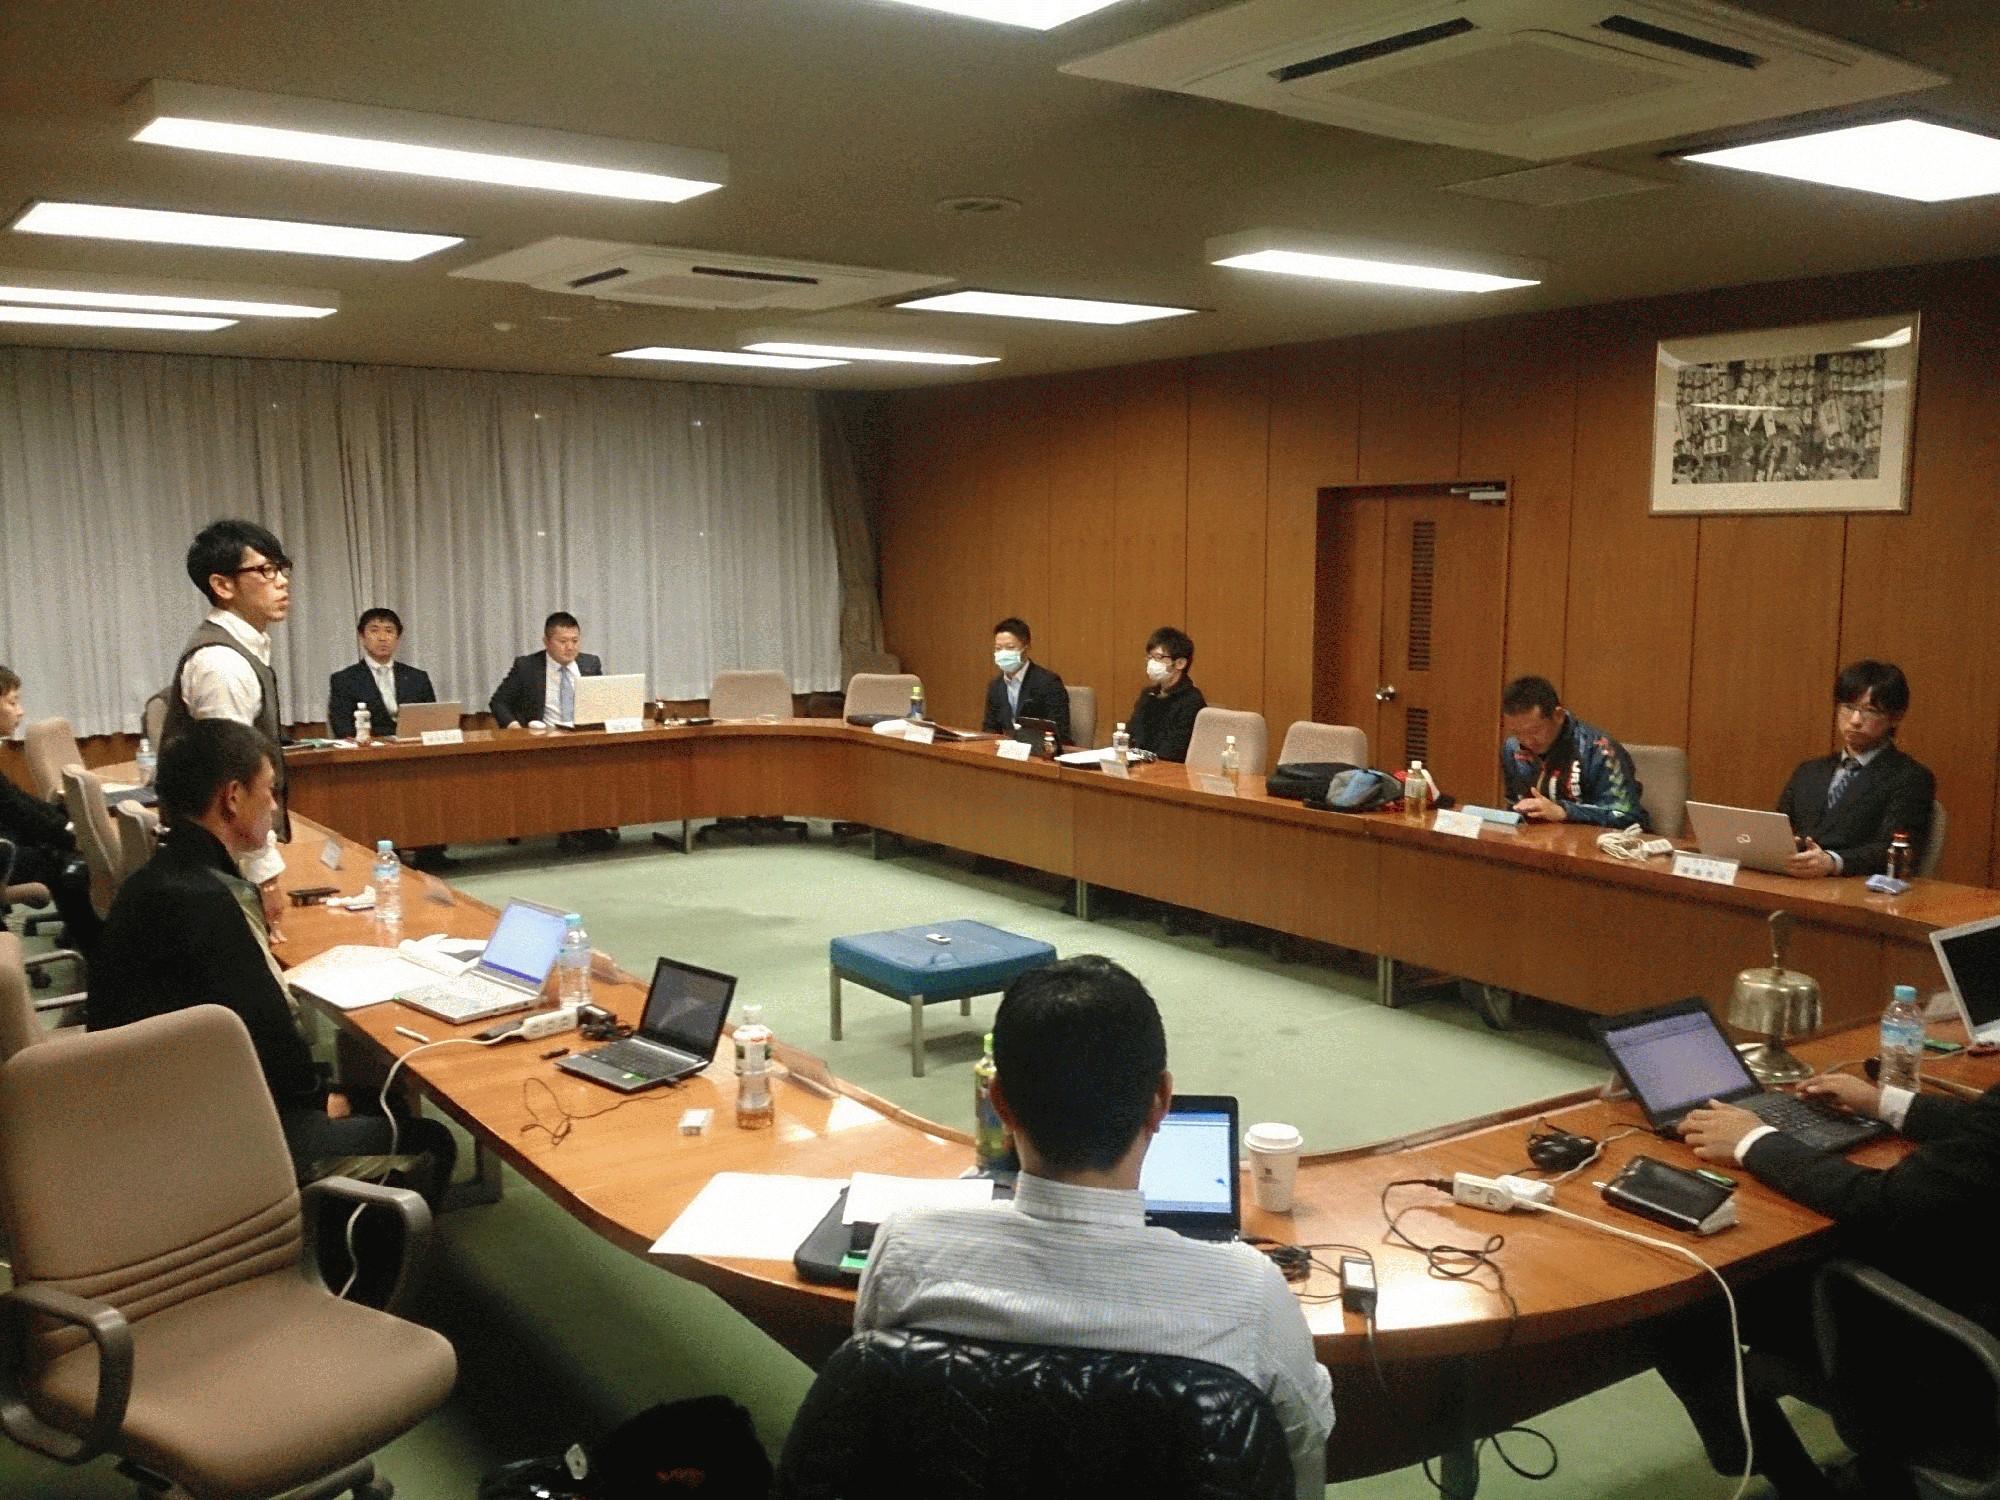 2014年度最後の理事会が開催されました。